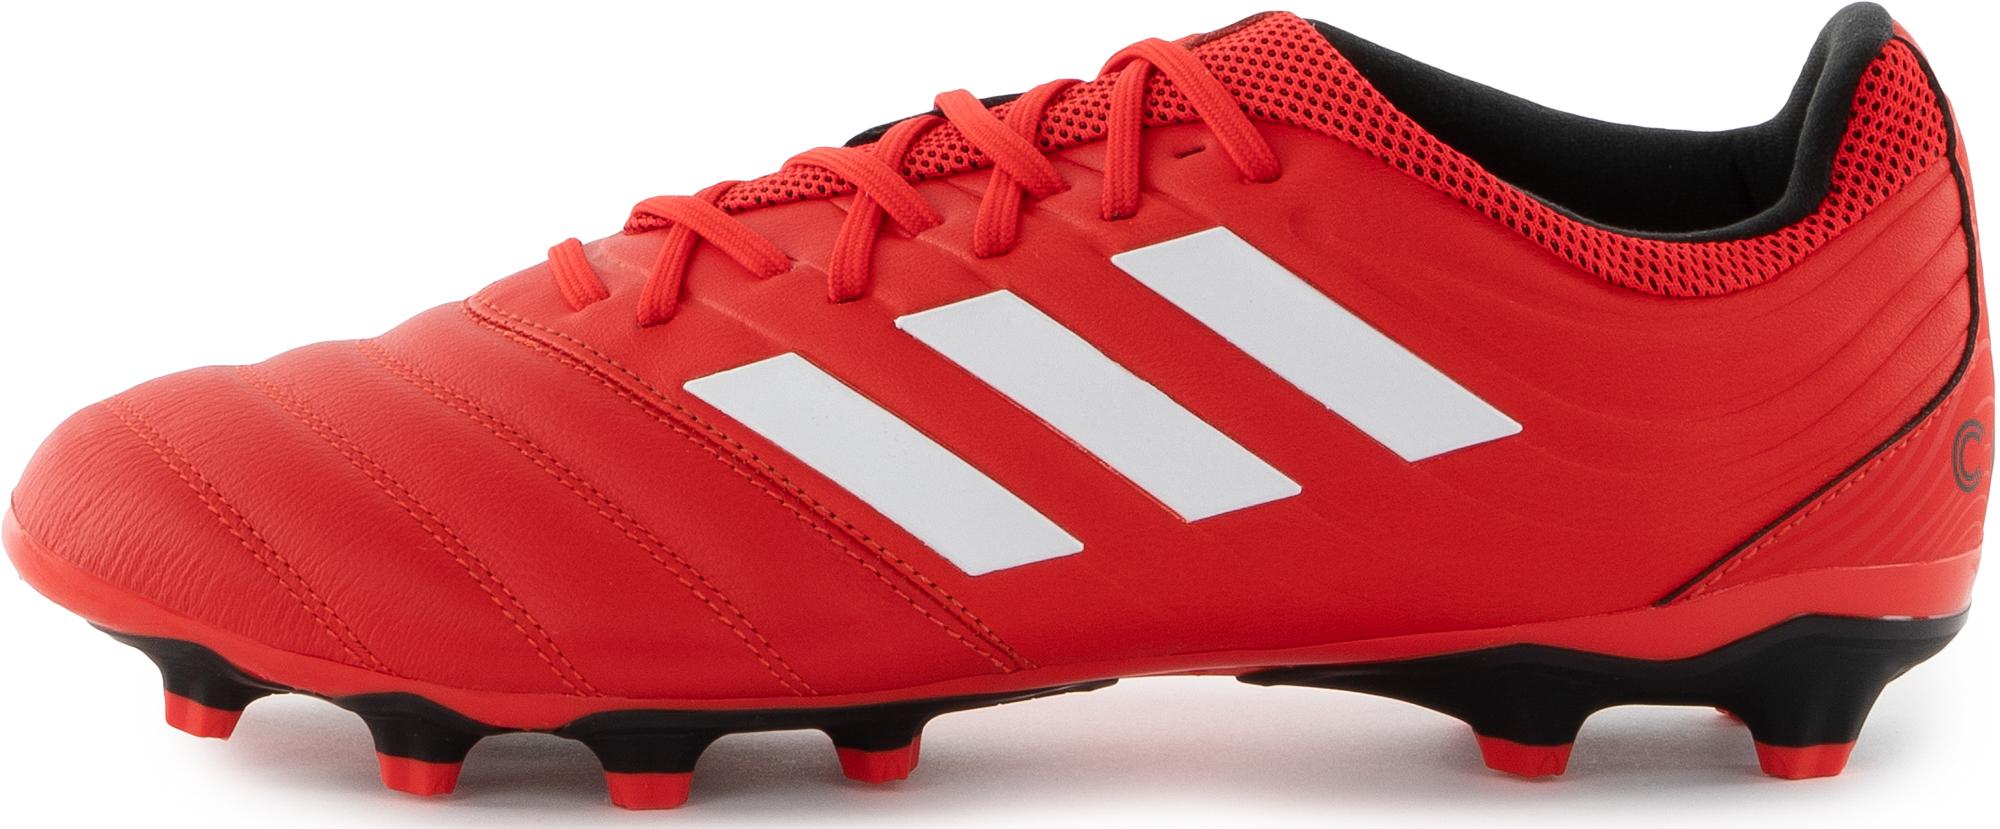 Adidas Бутсы мужские Copa 20.3 Mg, размер 40,5